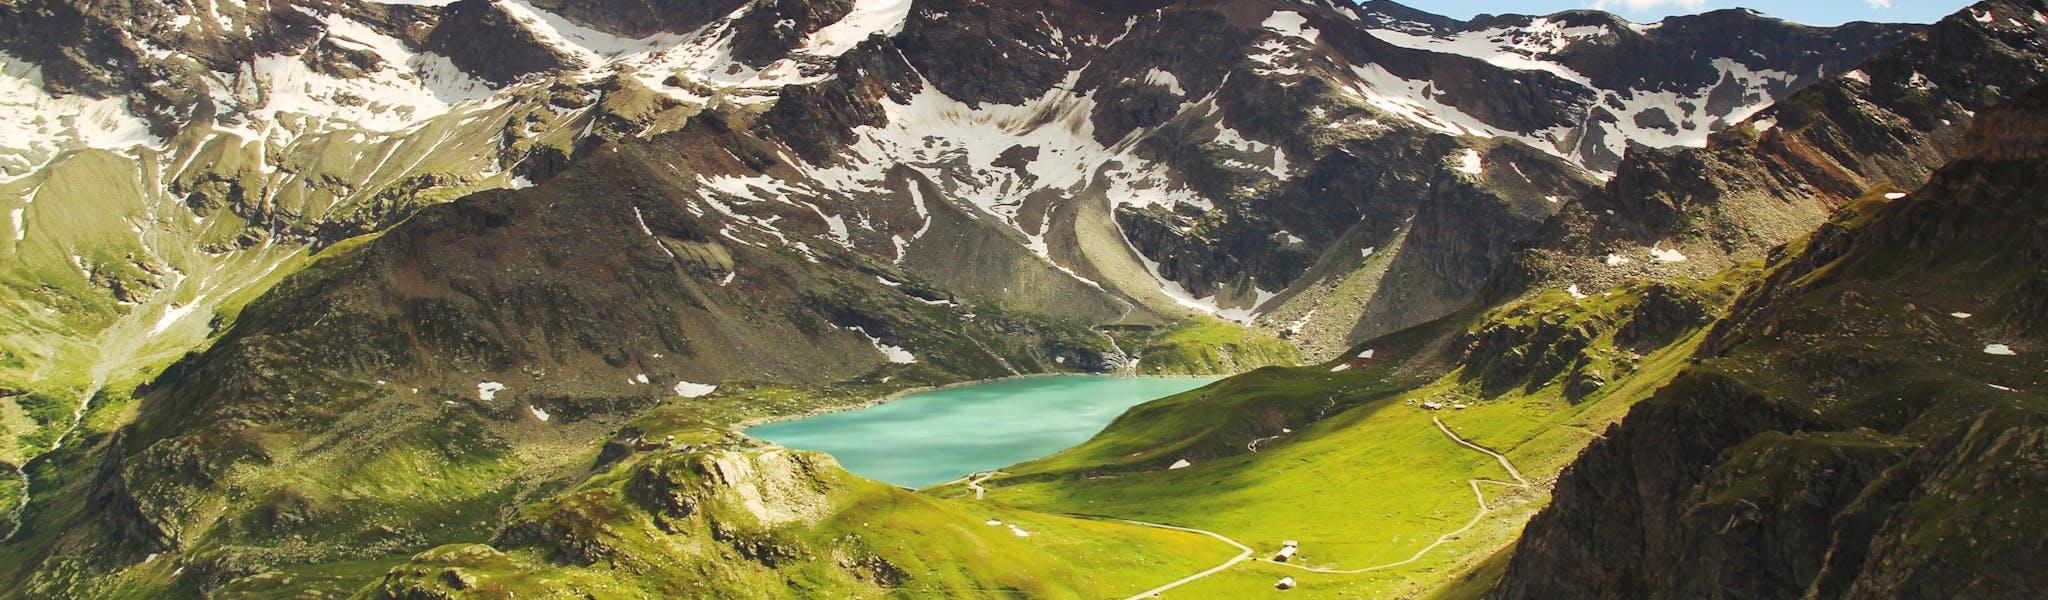 landschap pyreneeën